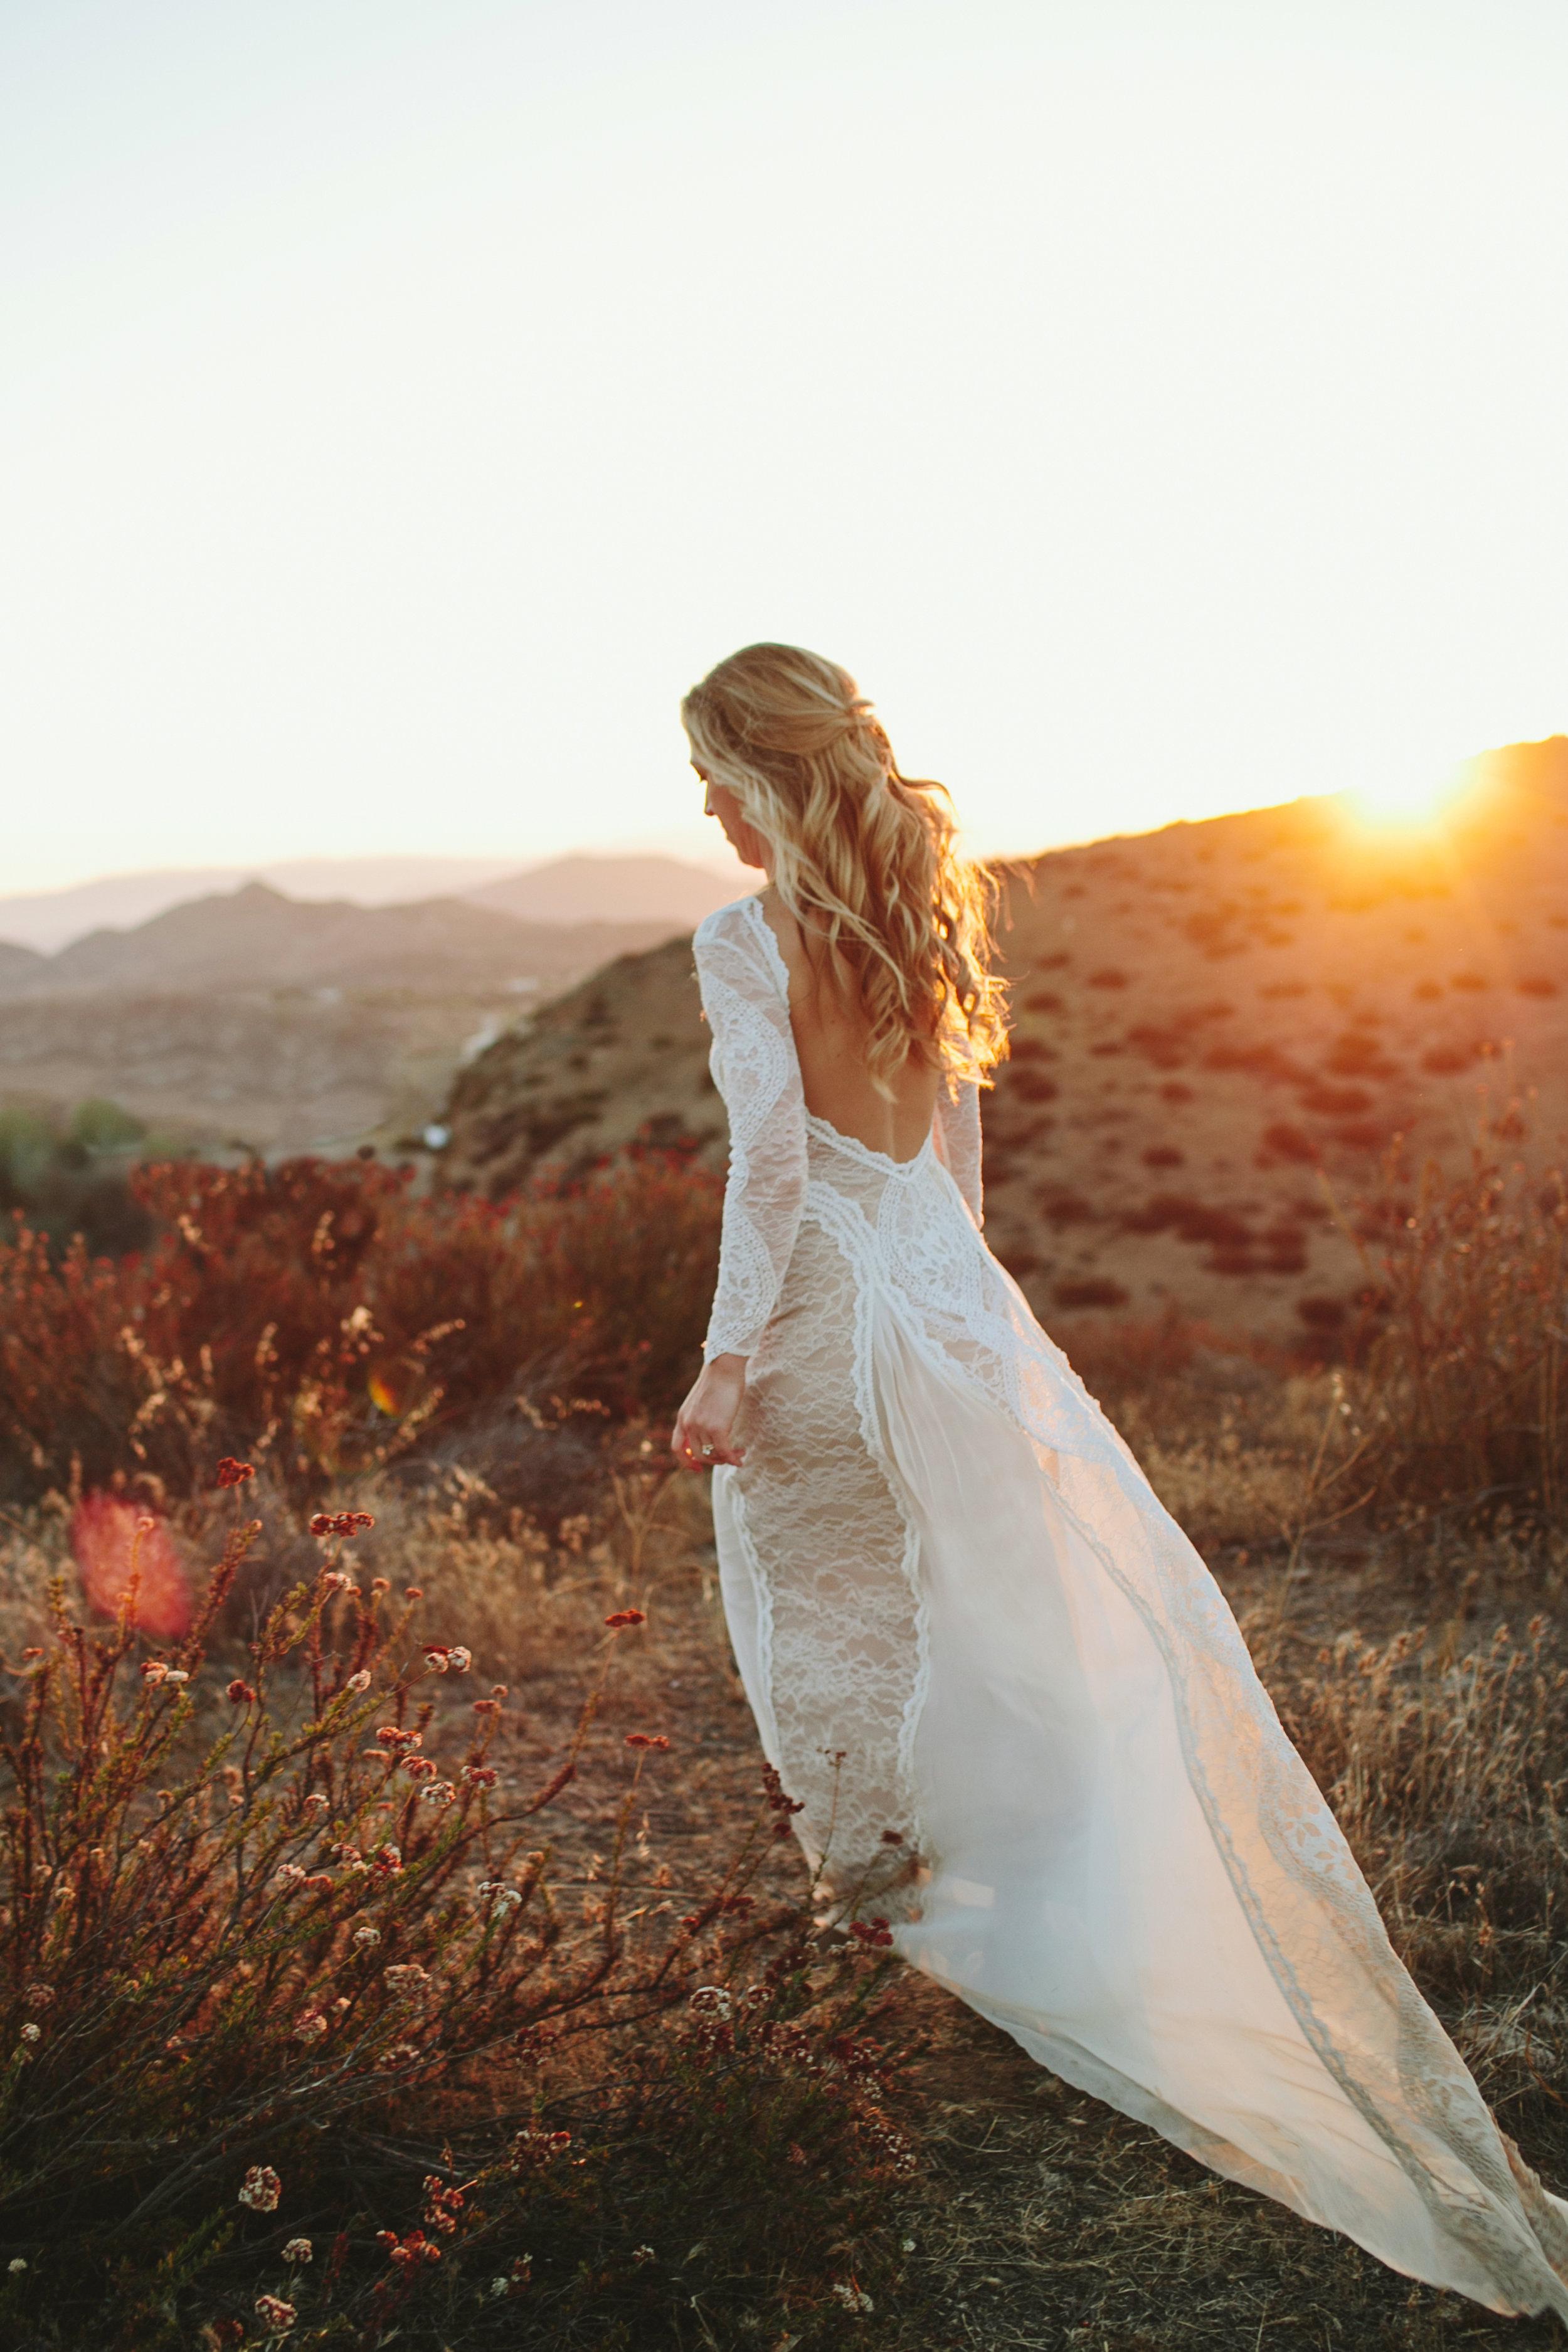 kateandgreg-married-993.jpg